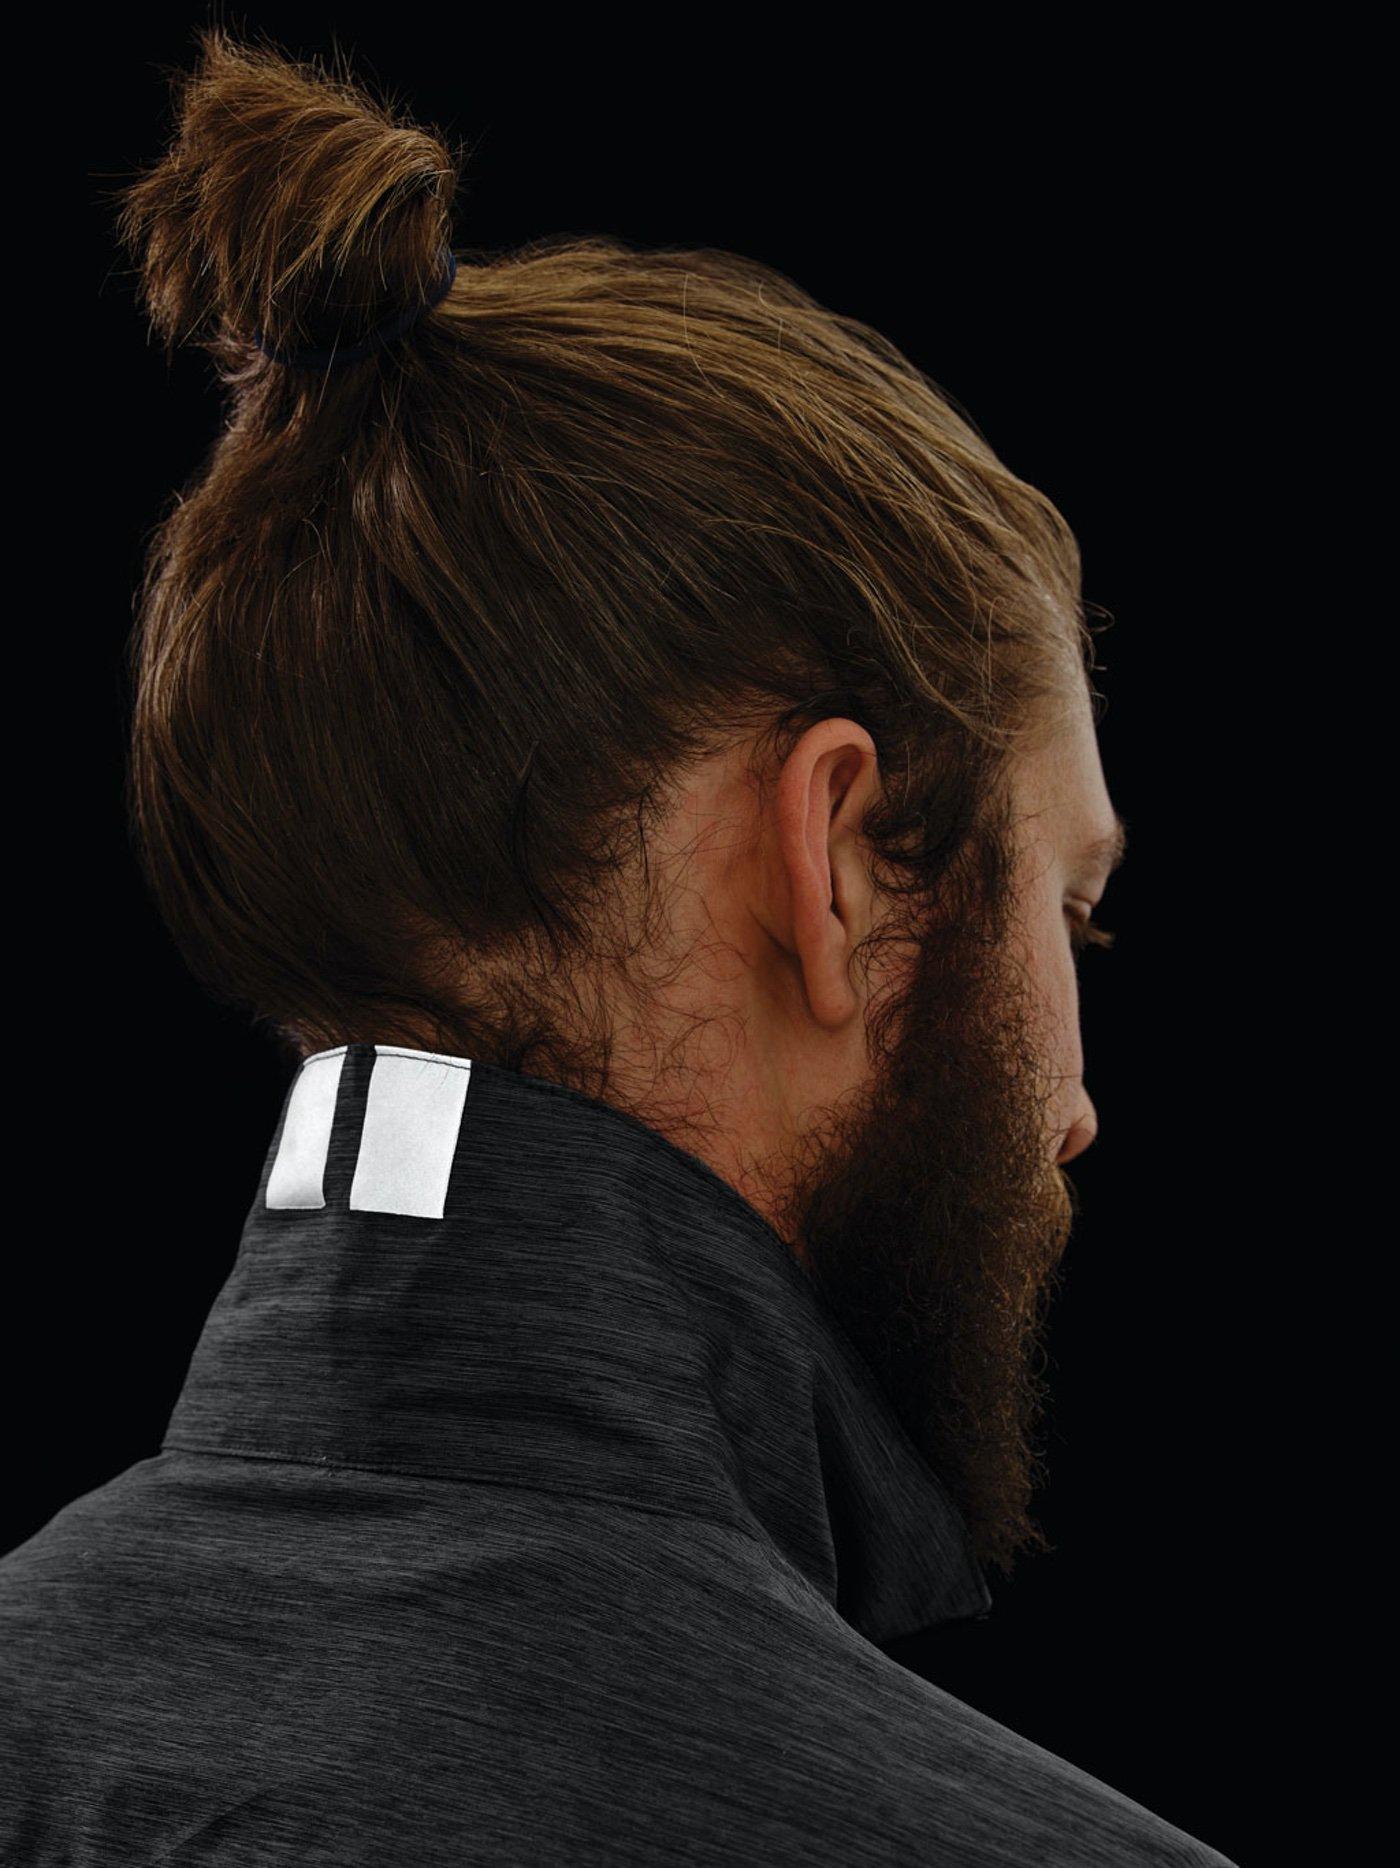 Shimano integra reflectantes en las prendas, por el día se ven de una manera discreta y de noche funcionan correctamente gracias a la tecnología Discrete Reflectivity.